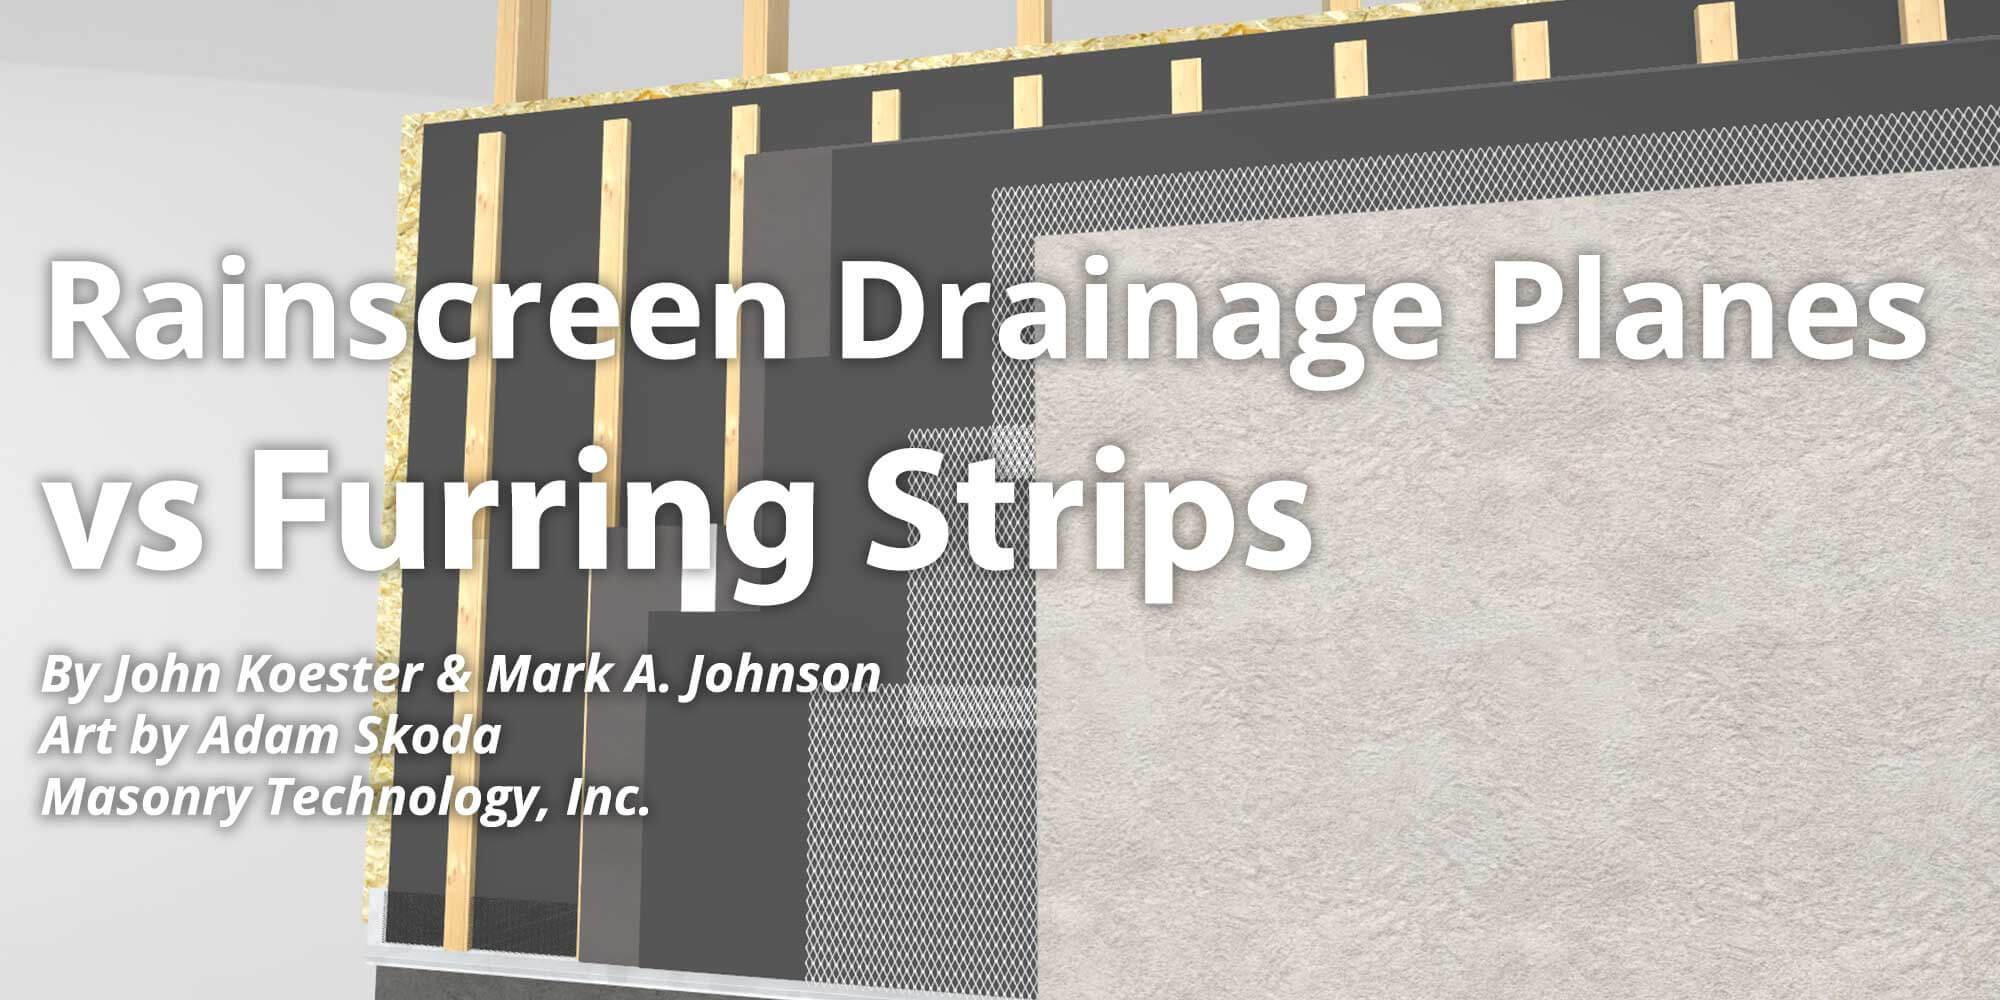 Rainscreen Drainage Planes Vs Furring Strips